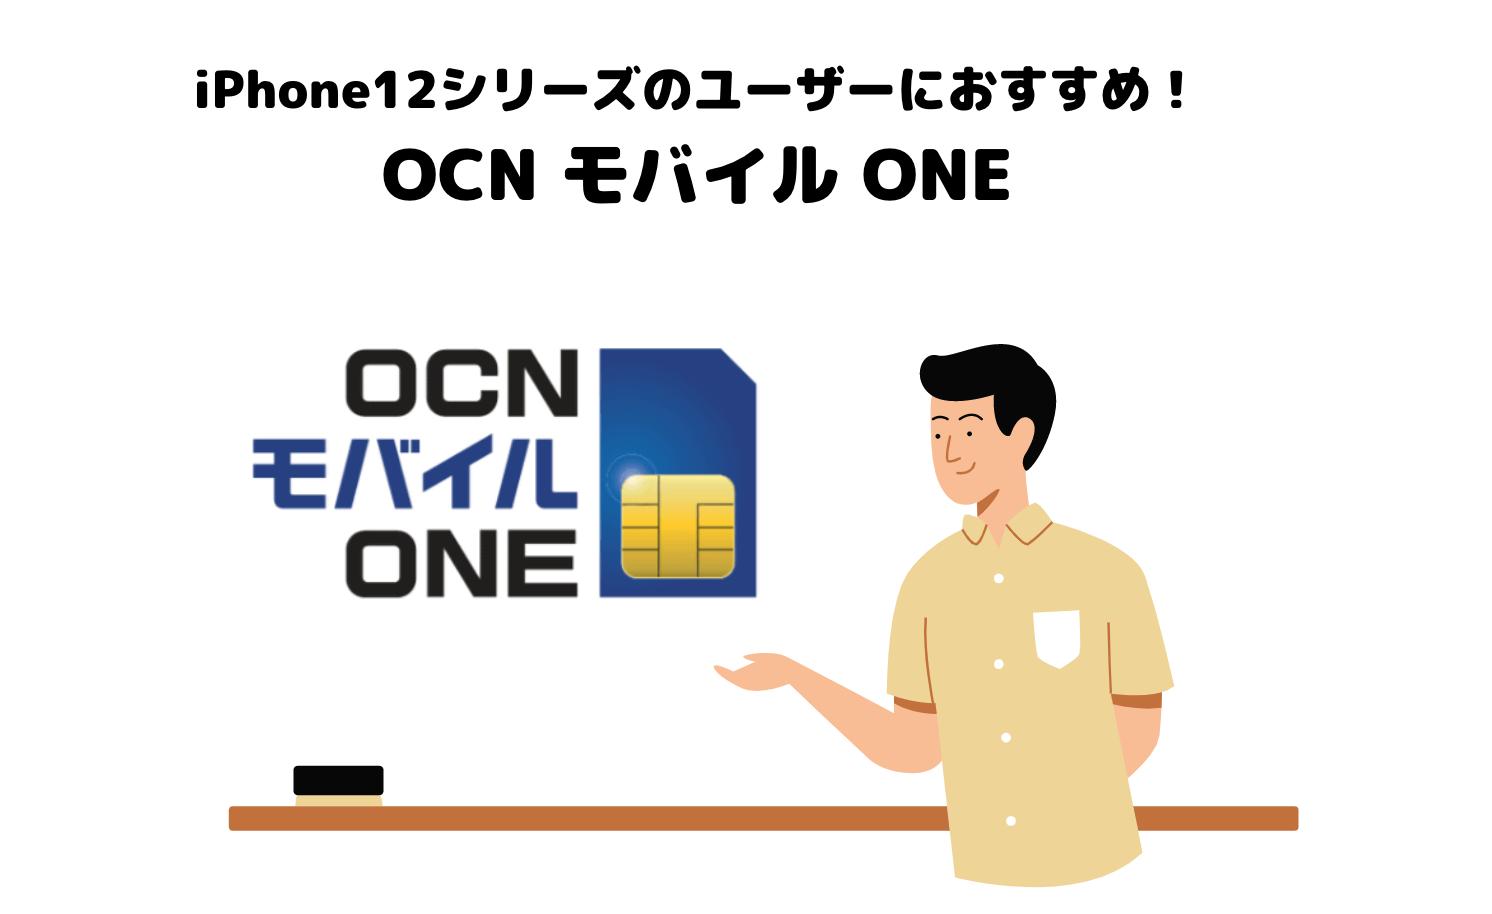 格安SIM_iphone12_iPhone12_OCNモバイルONE